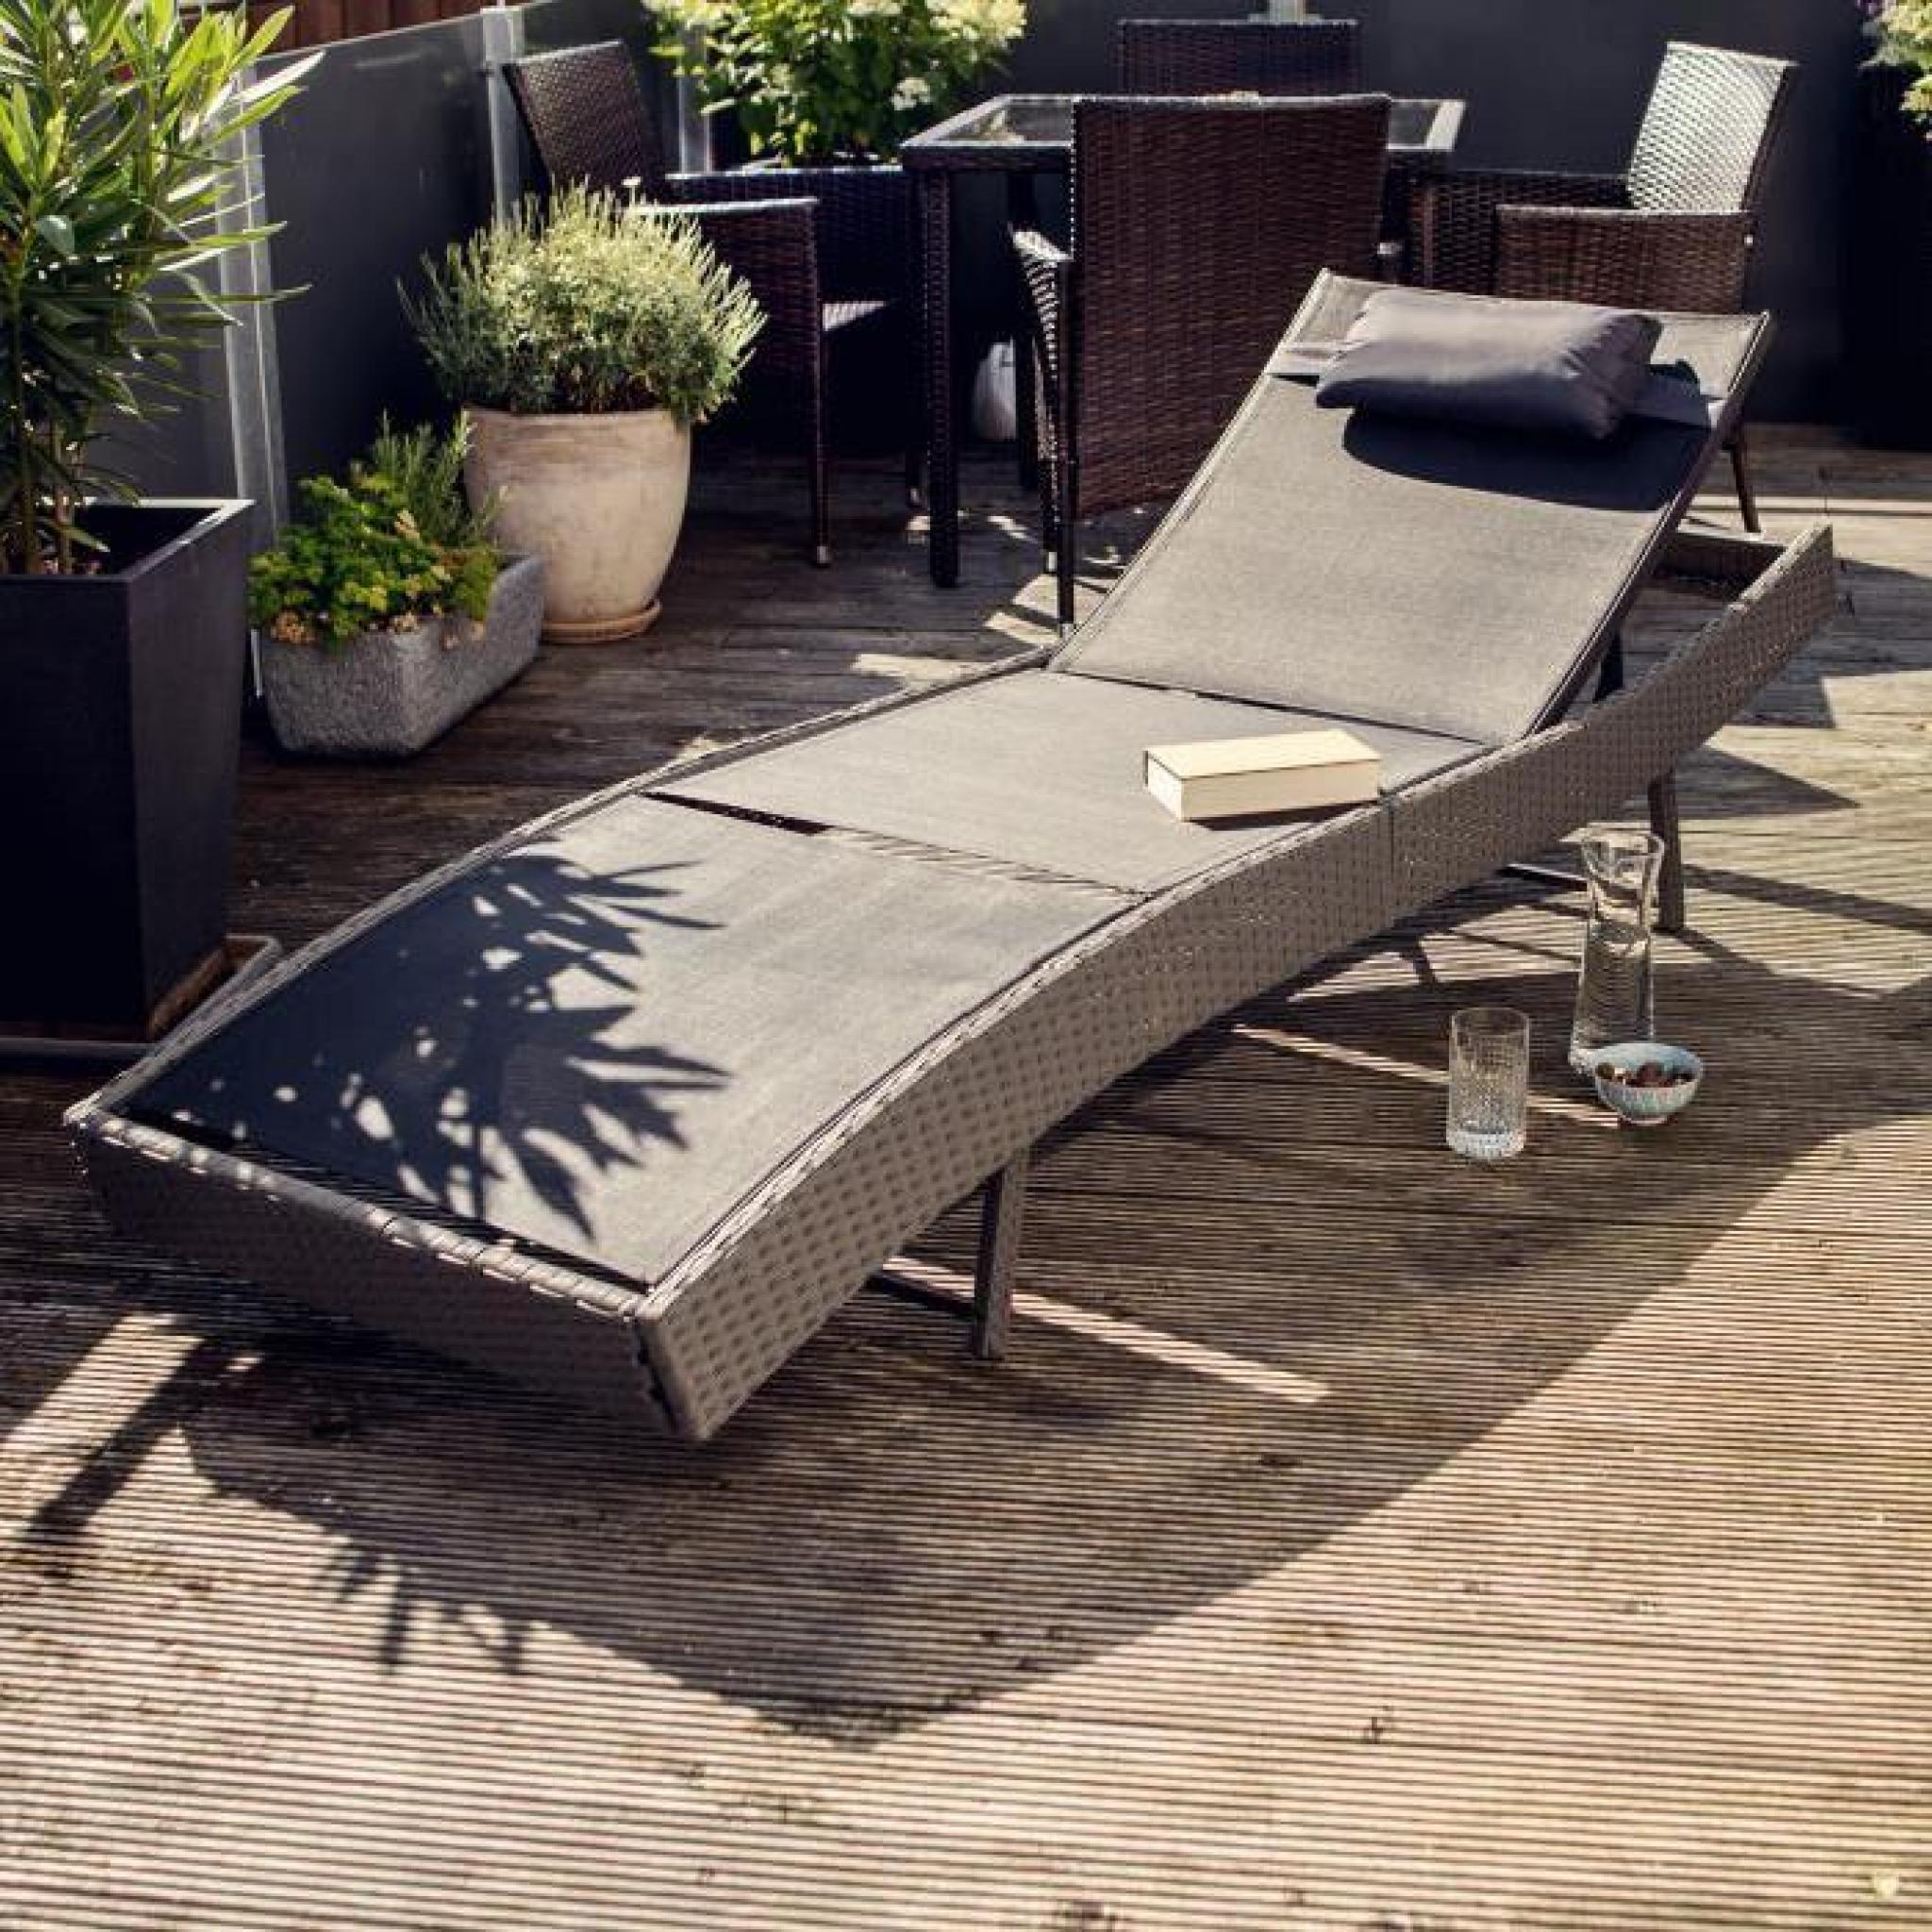 chaise longue wicker transat bain de soleil multi positions r sine tress e 1 place coussin. Black Bedroom Furniture Sets. Home Design Ideas